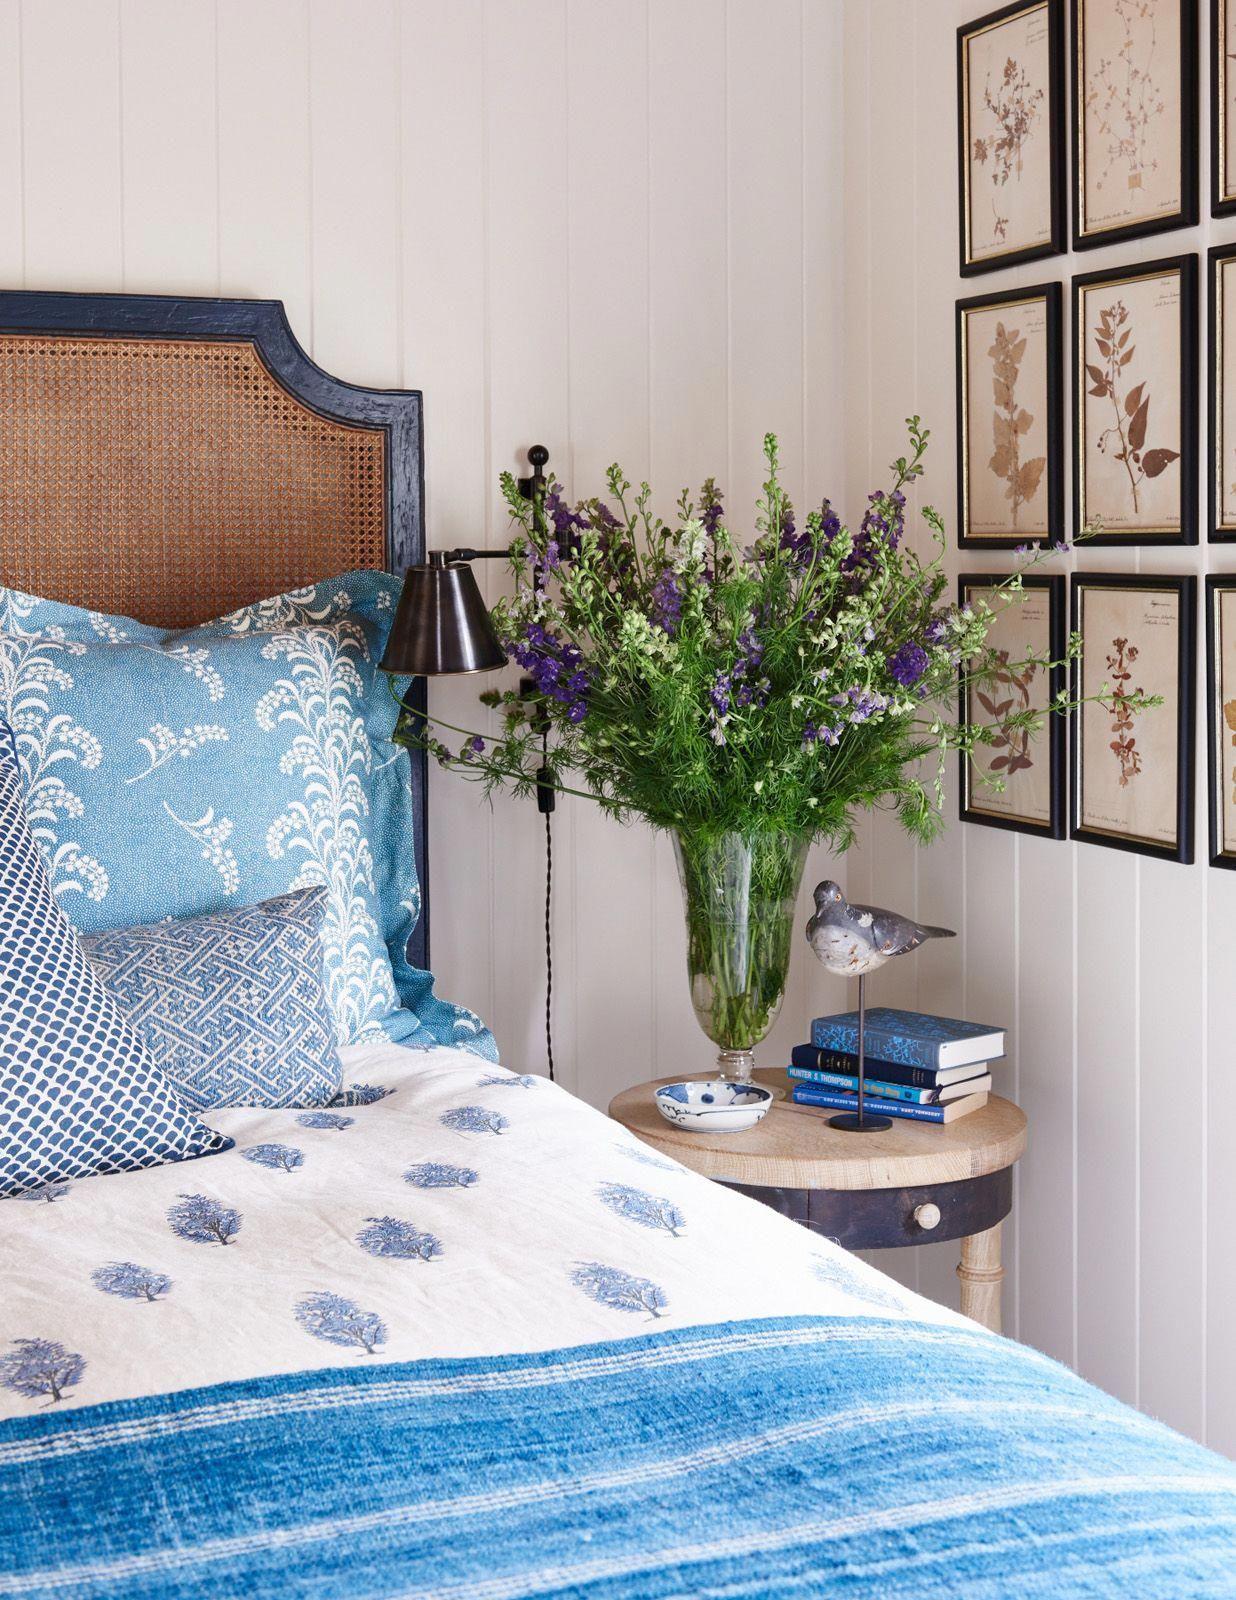 Bedroom Creator Online: Los Angeles Design Guru Mark D. Sikes Is A Jack Of All